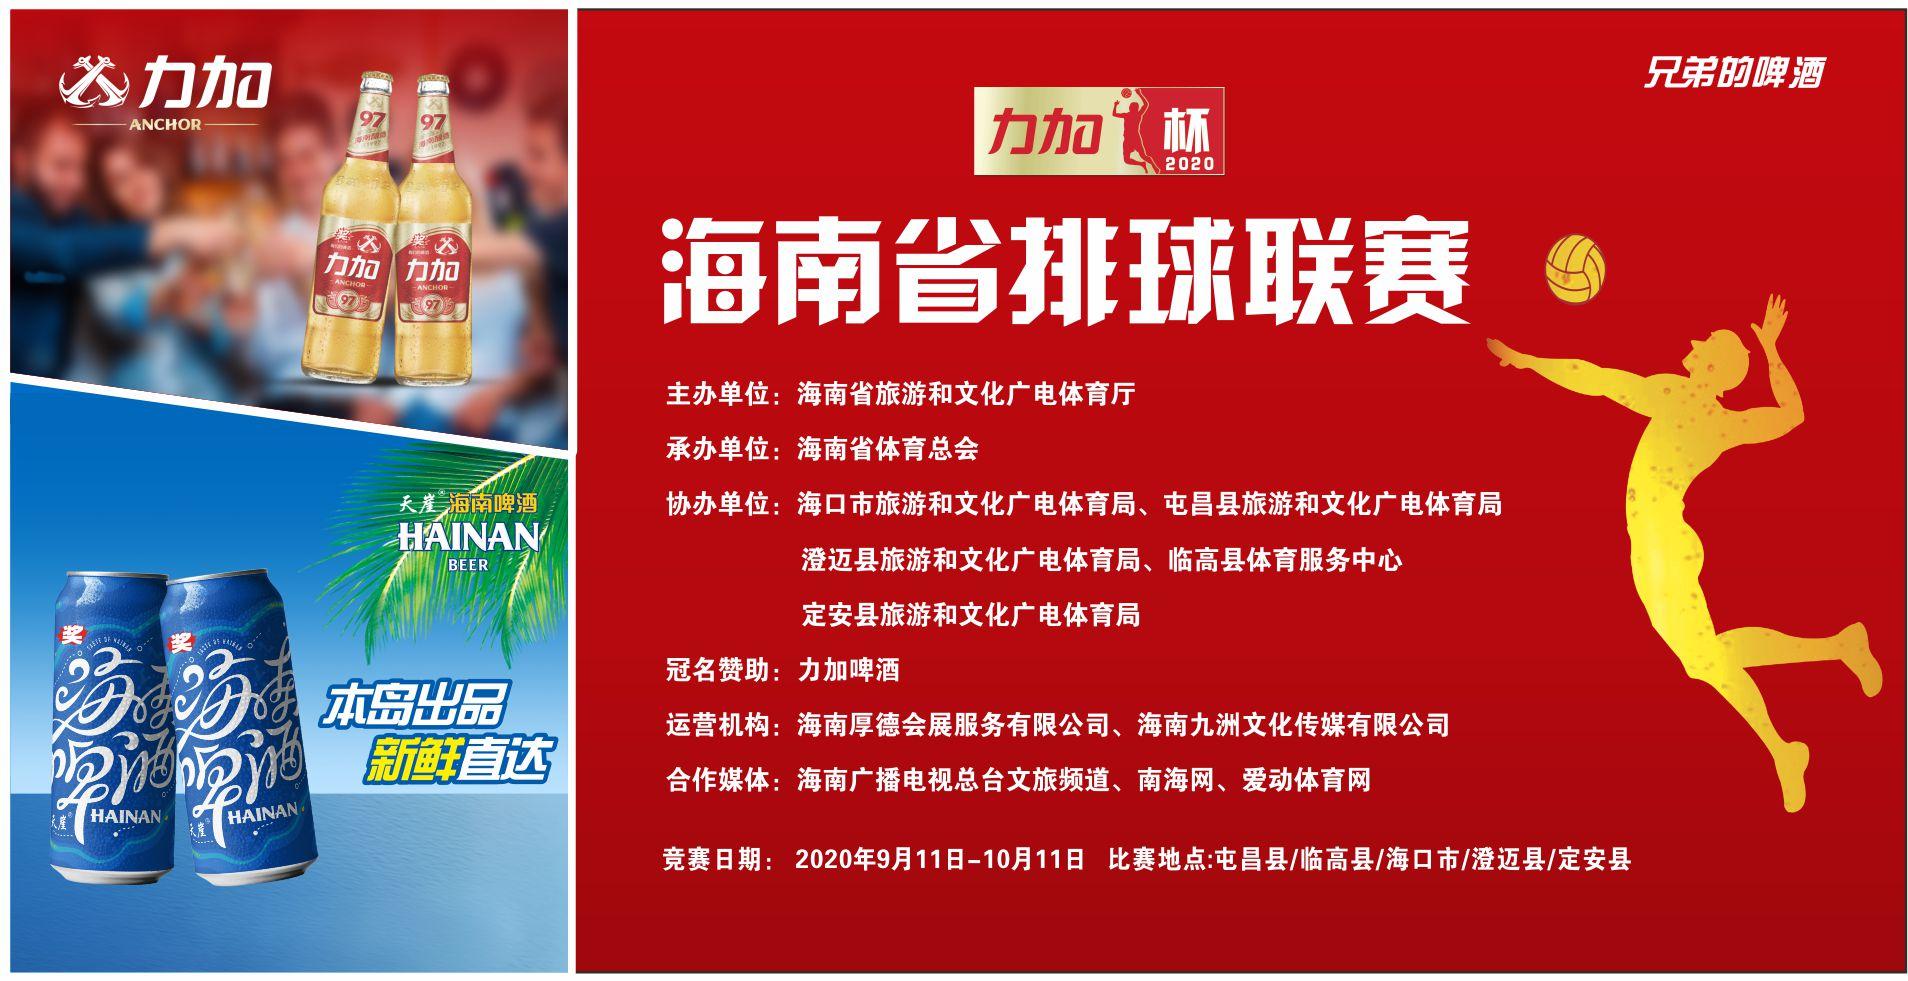 """【回放】2020""""力加杯""""海南省排球联赛 9月19日早上 B组"""